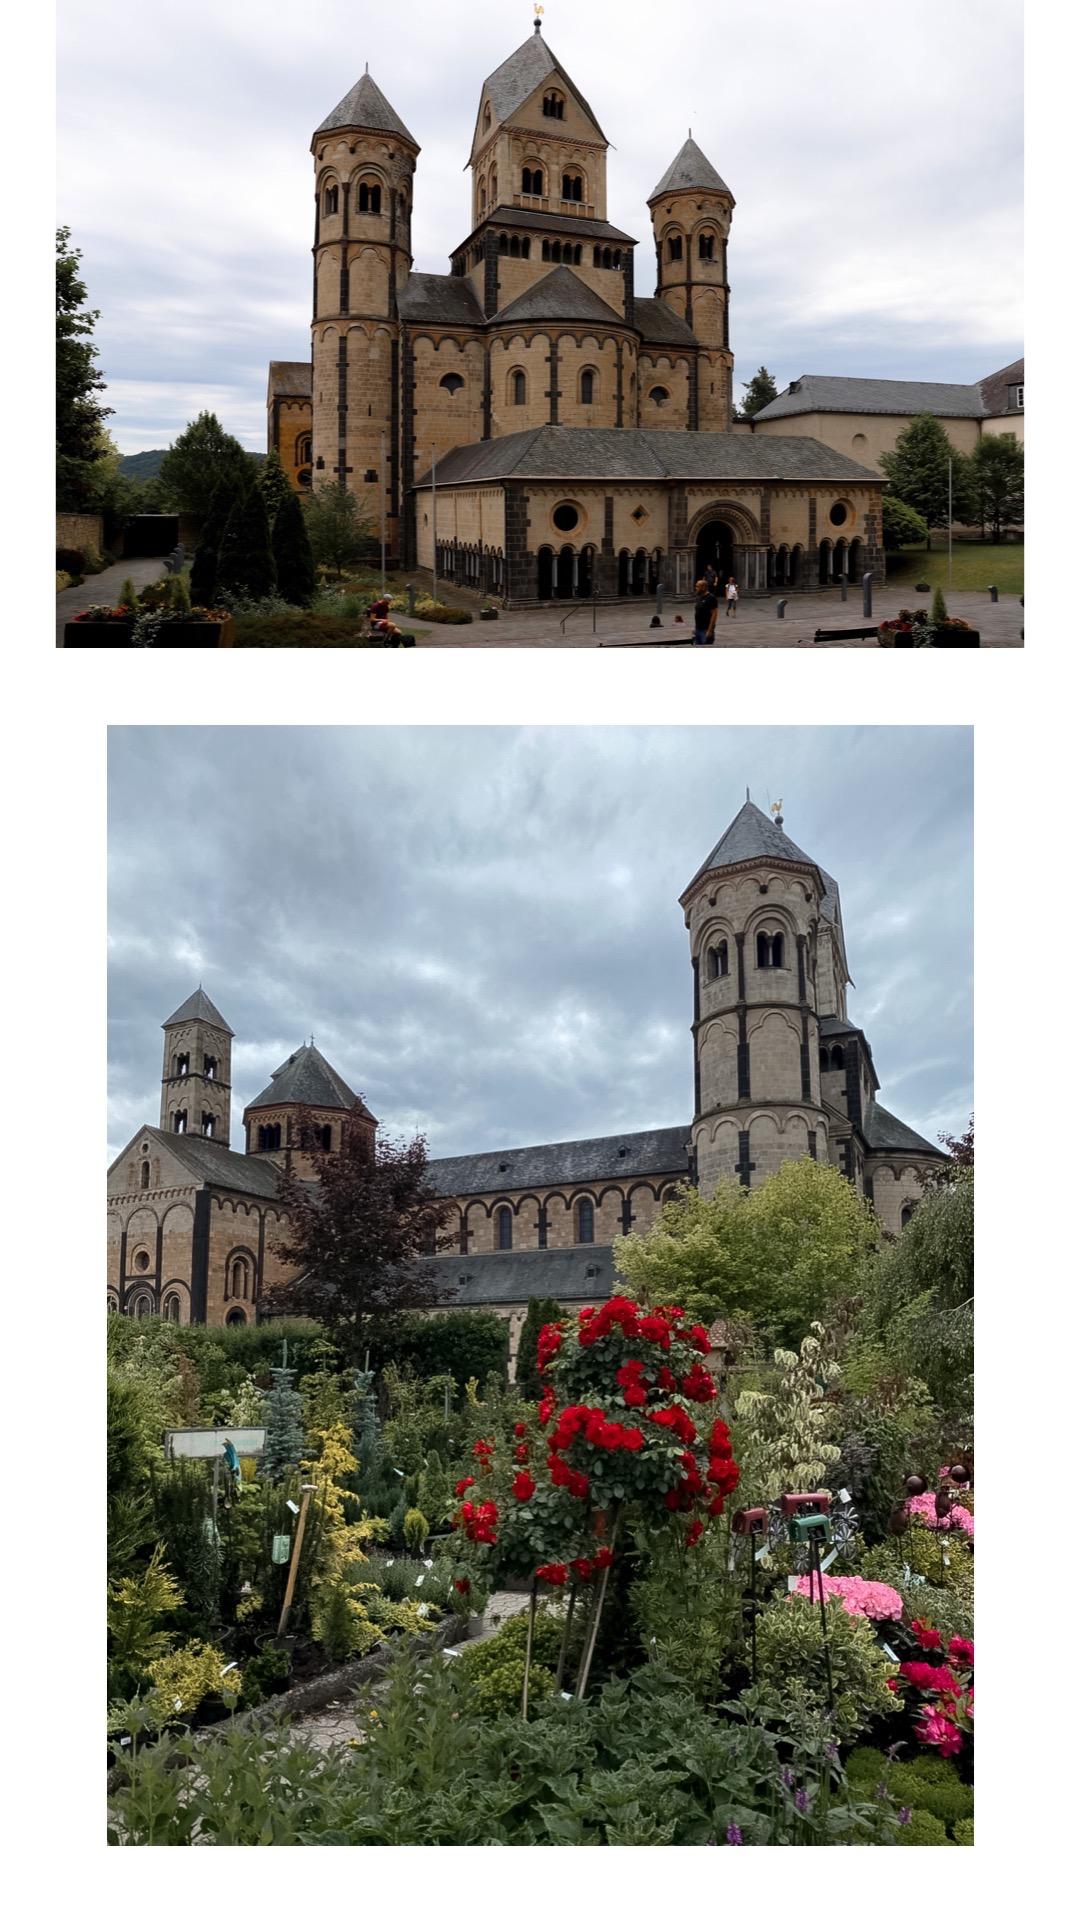 Urlaub-in-Deutschland-Miss-Suzie-Loves_Benediktinerabtei-Kloster-Maria-Laach